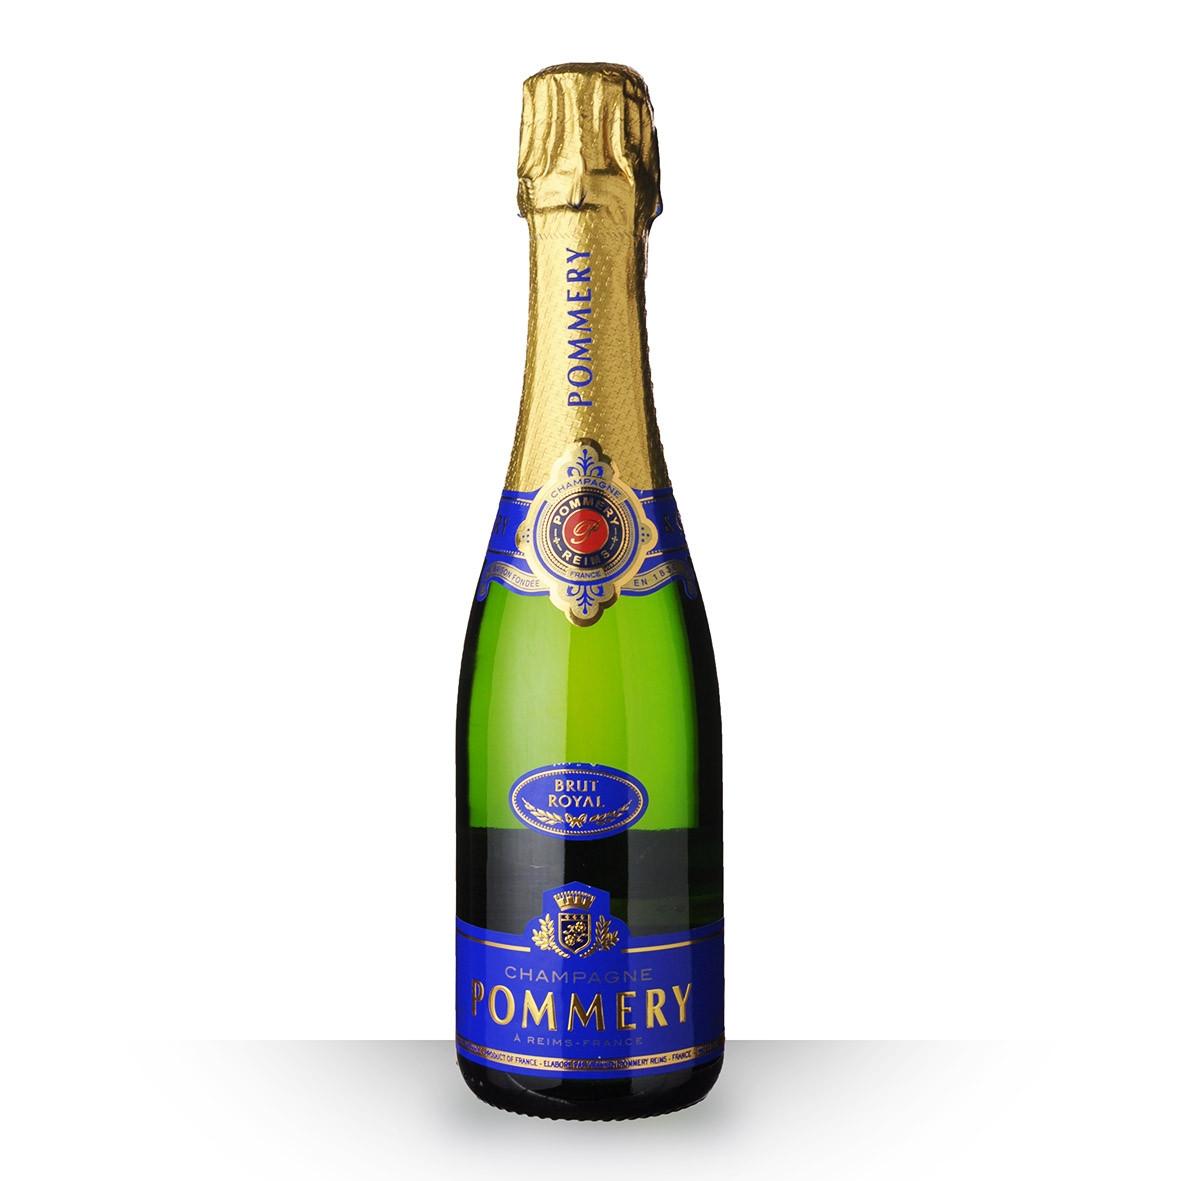 Champagne Pommery Brut Royal 37,5cl www.odyssee-vins.com